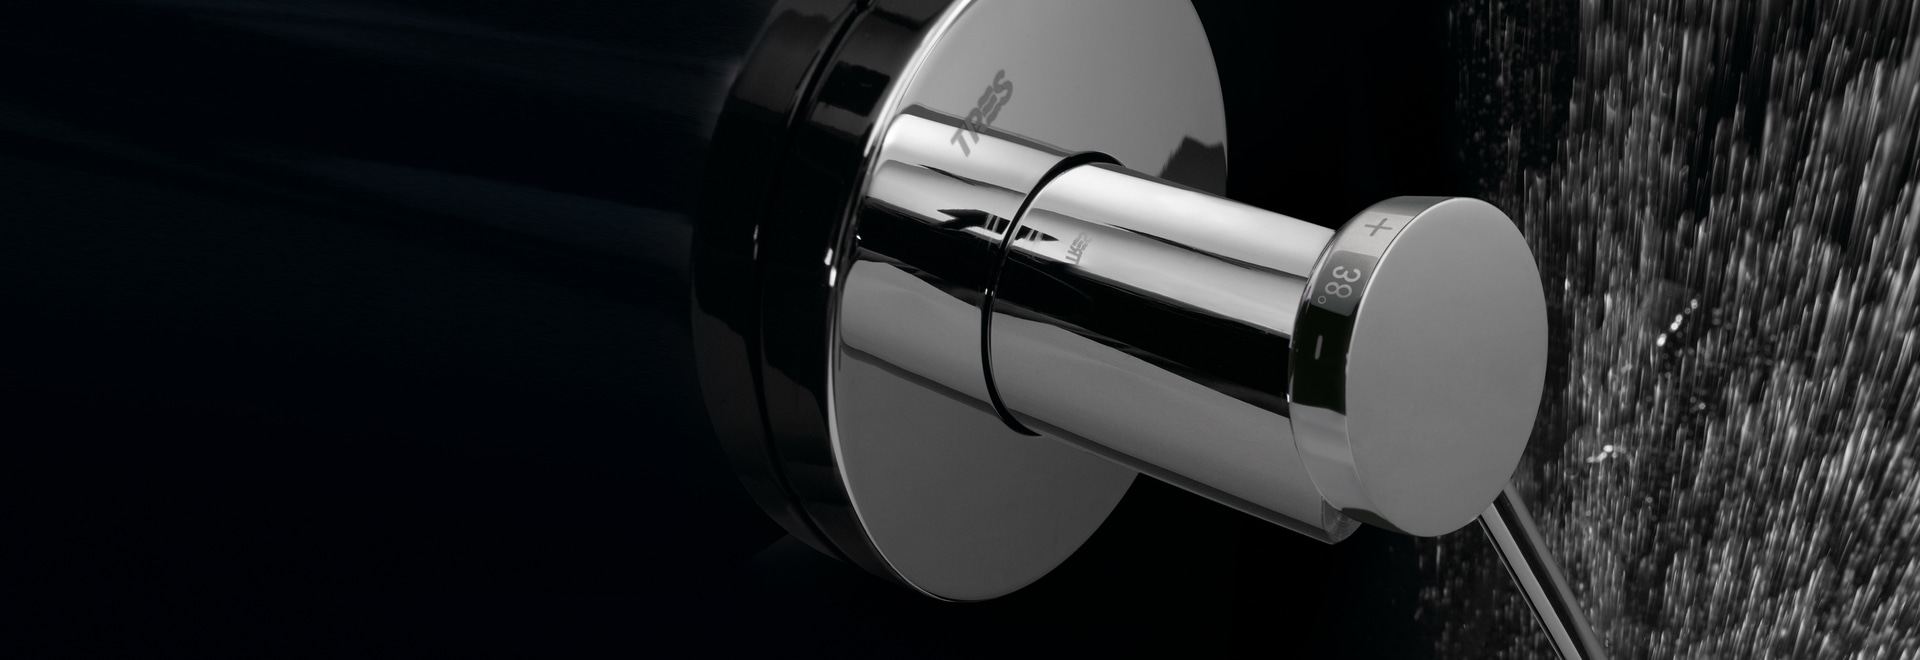 10 avantages de la robinetterie MONO-TERM® qu'il vous faut connaître